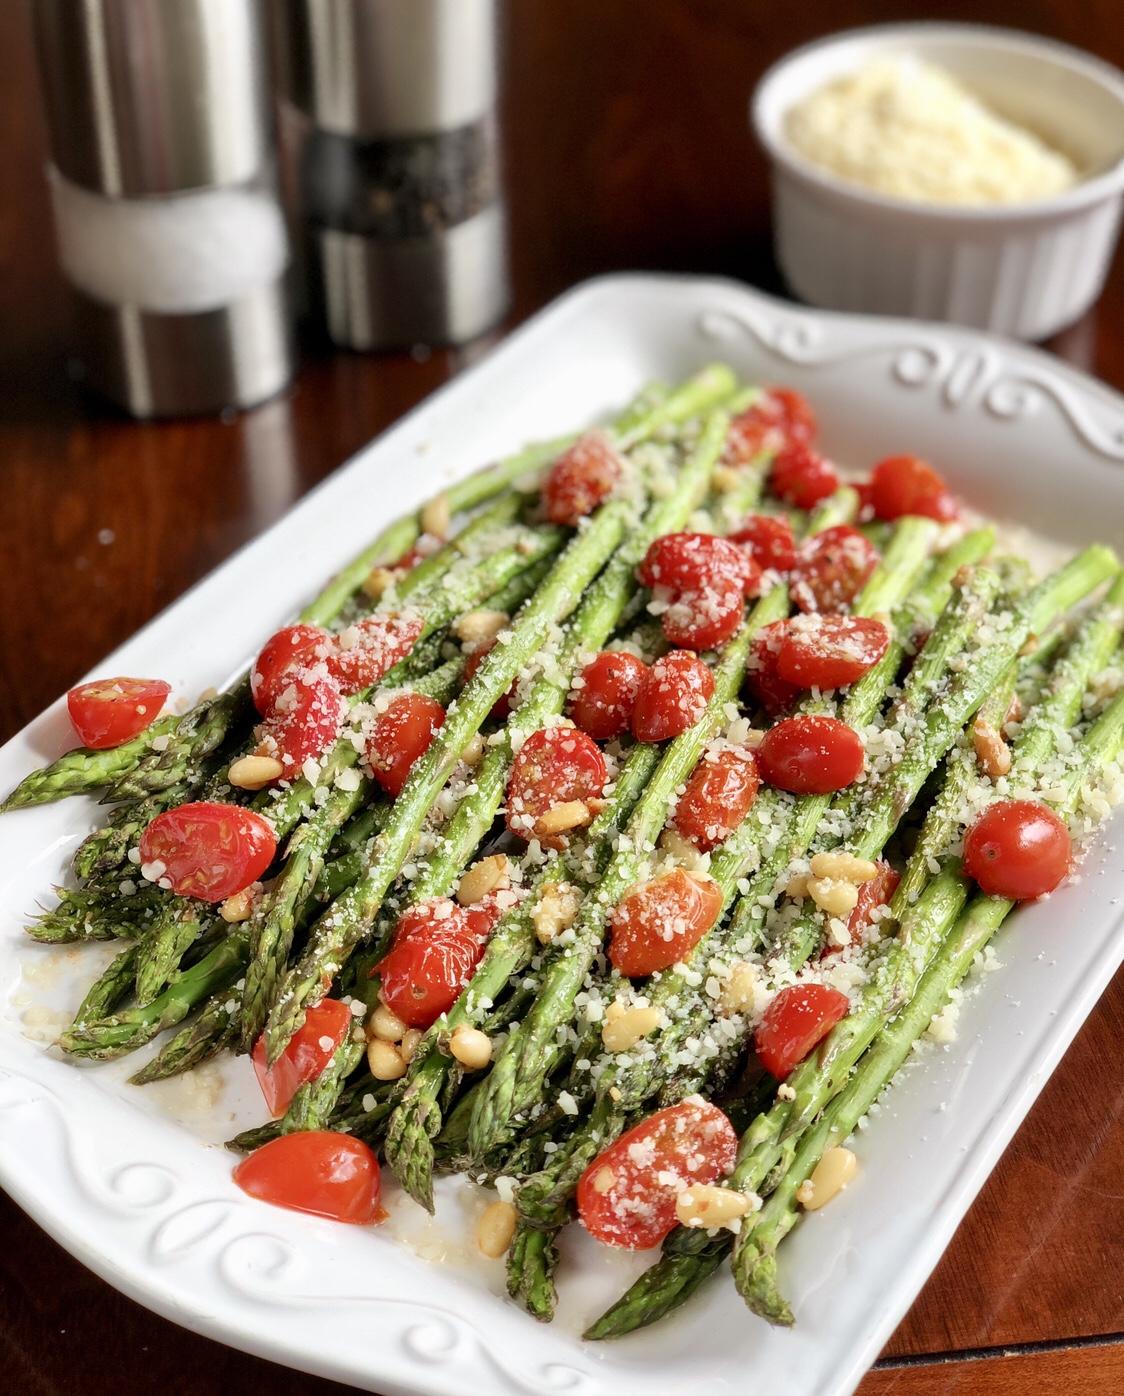 Easy Tuscan Roasted Asparagus by Happylifeblogspot.com #asparagus #roastedasparagus #sidedish #vegetablesidedish #springveggies